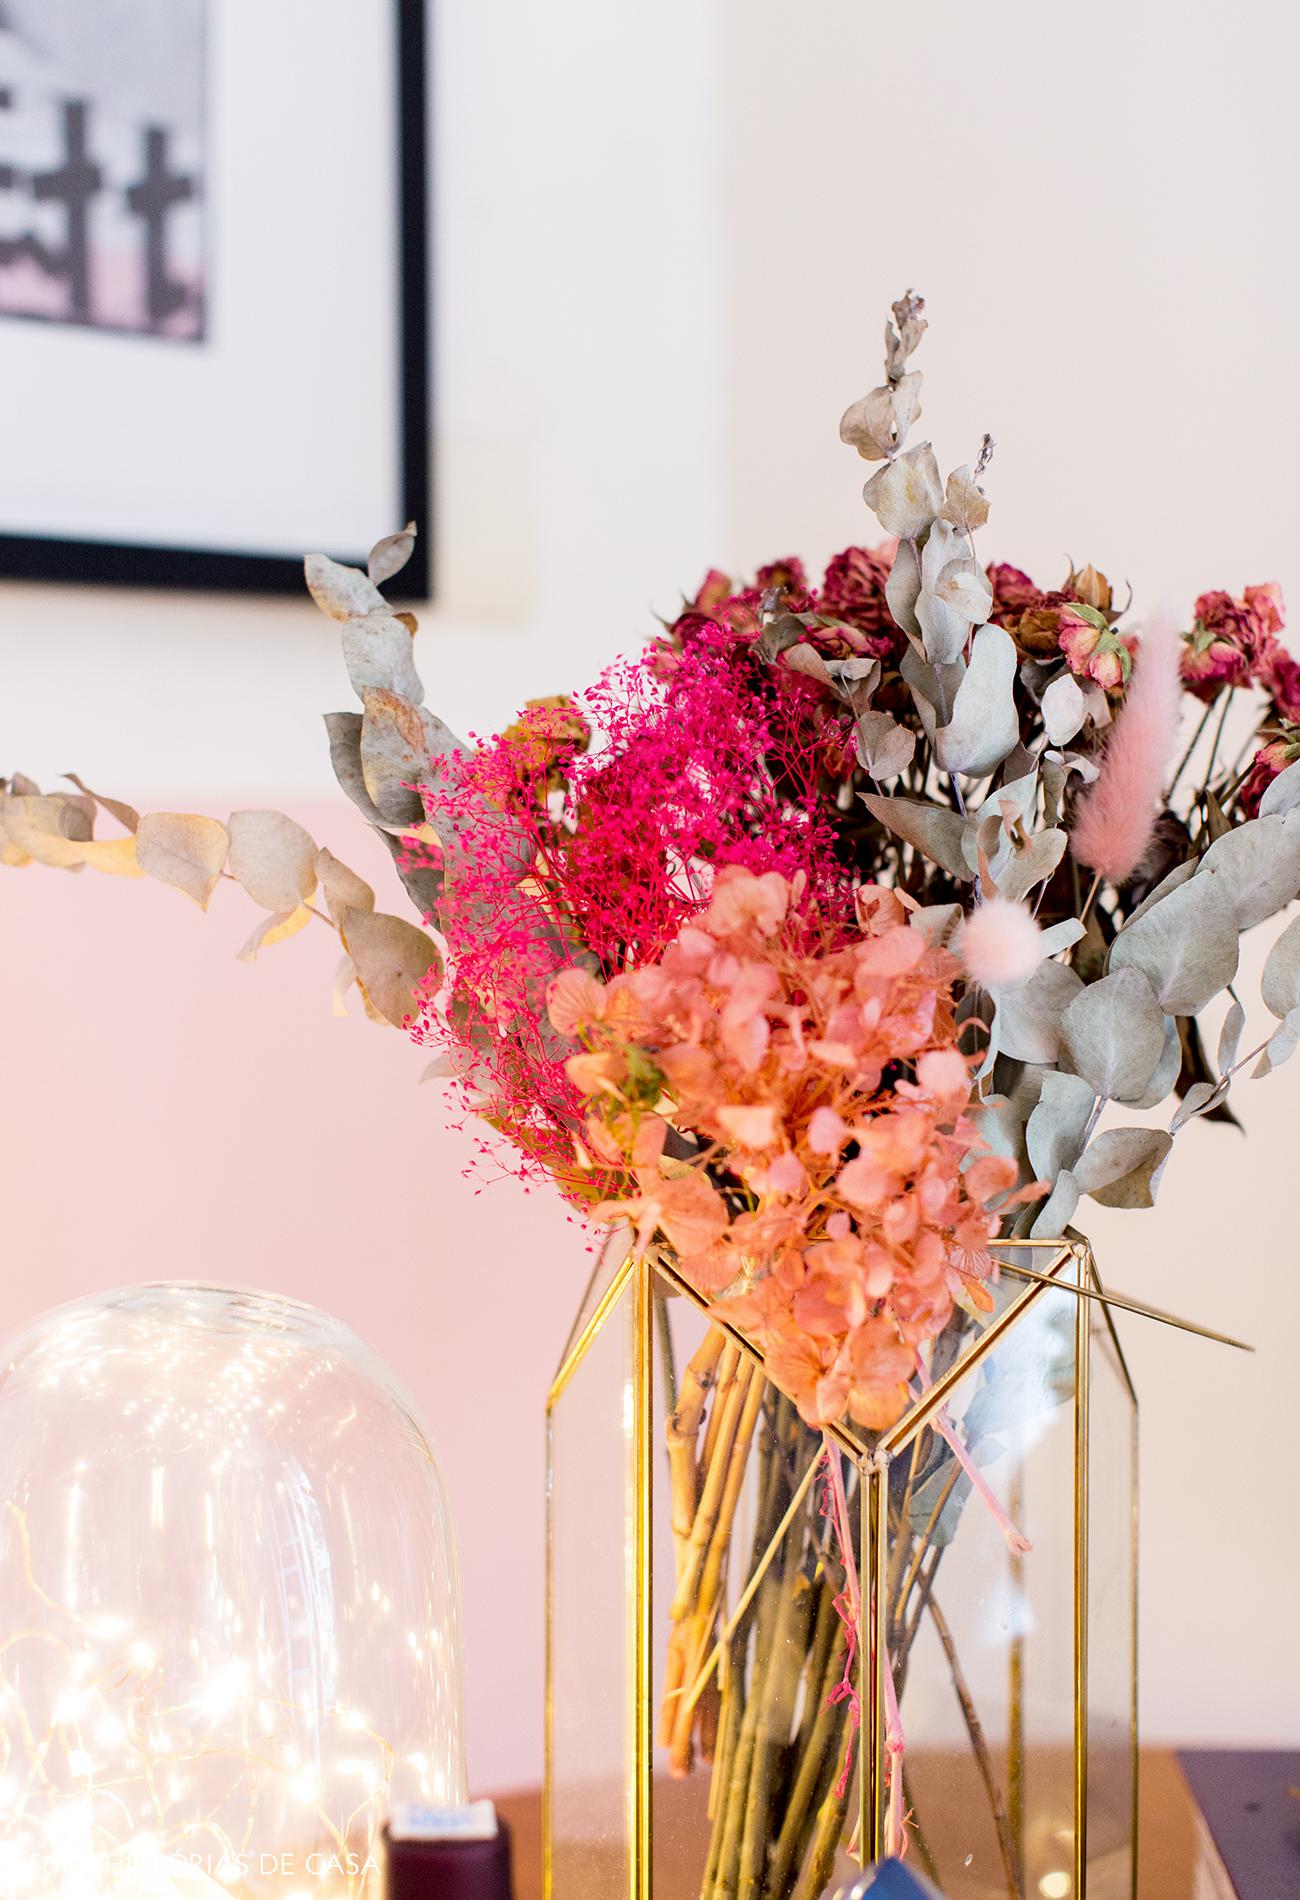 Arranjo de flores secas e parede rosa